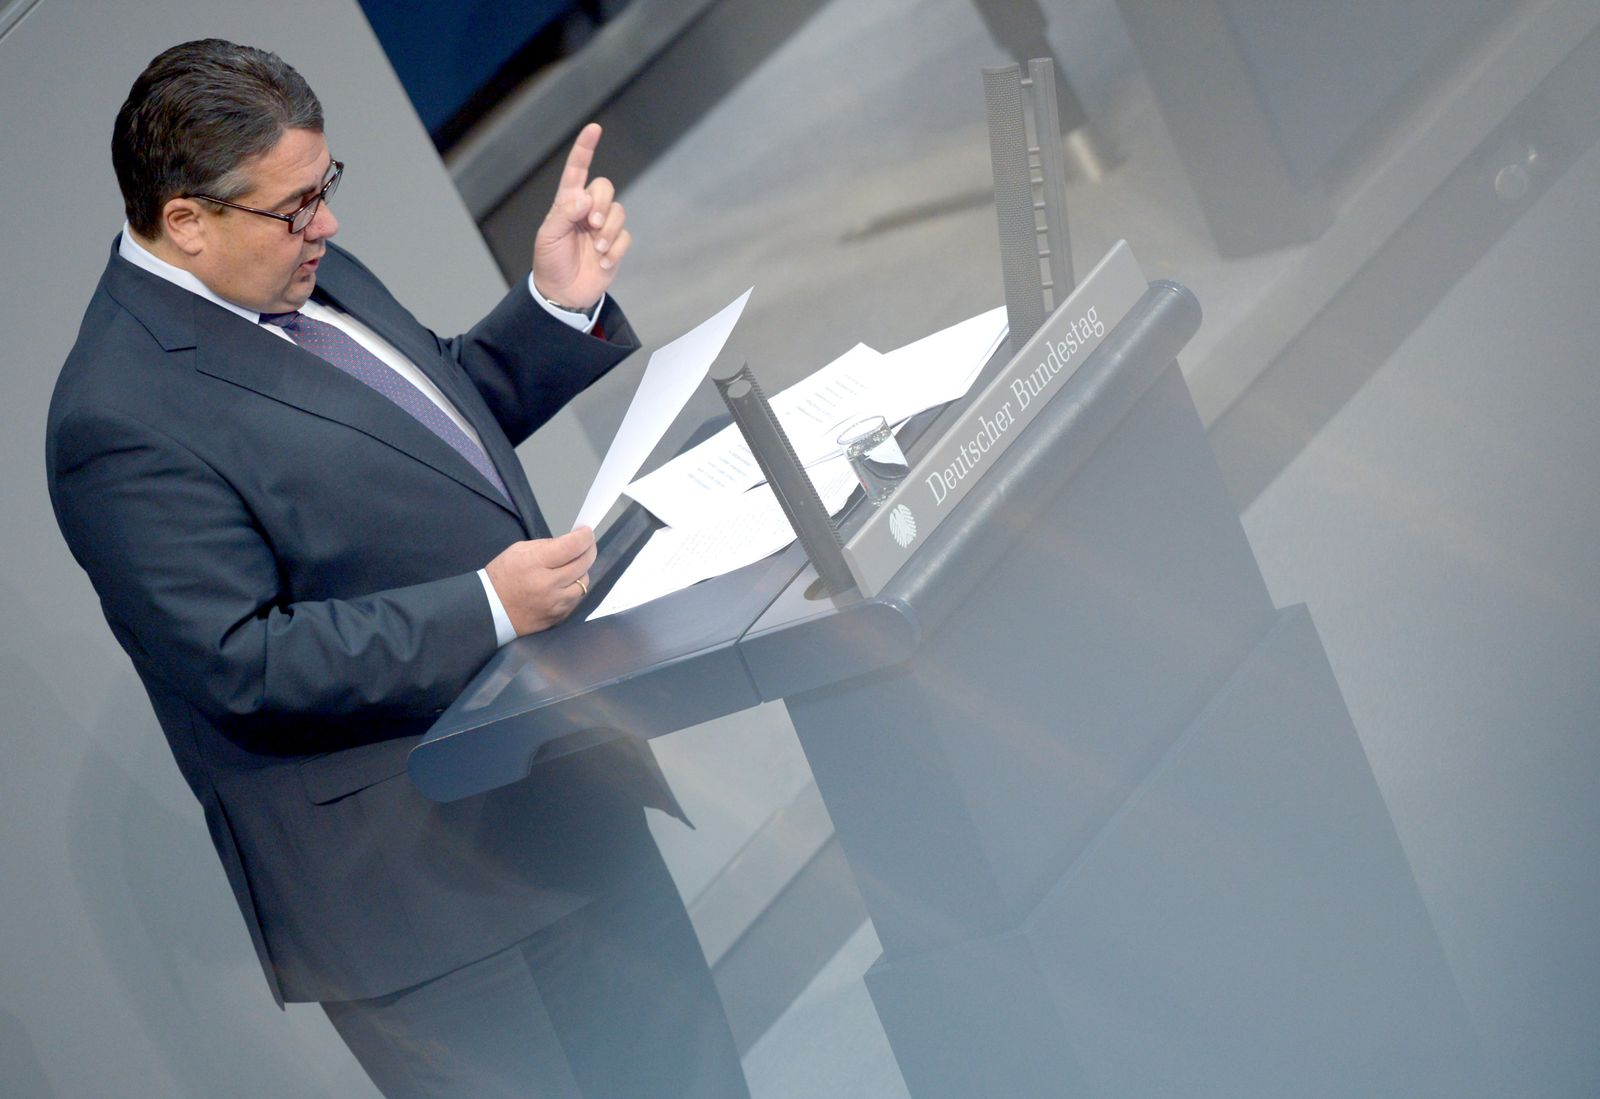 Bundestag - Debatte Freihandelsabkommen